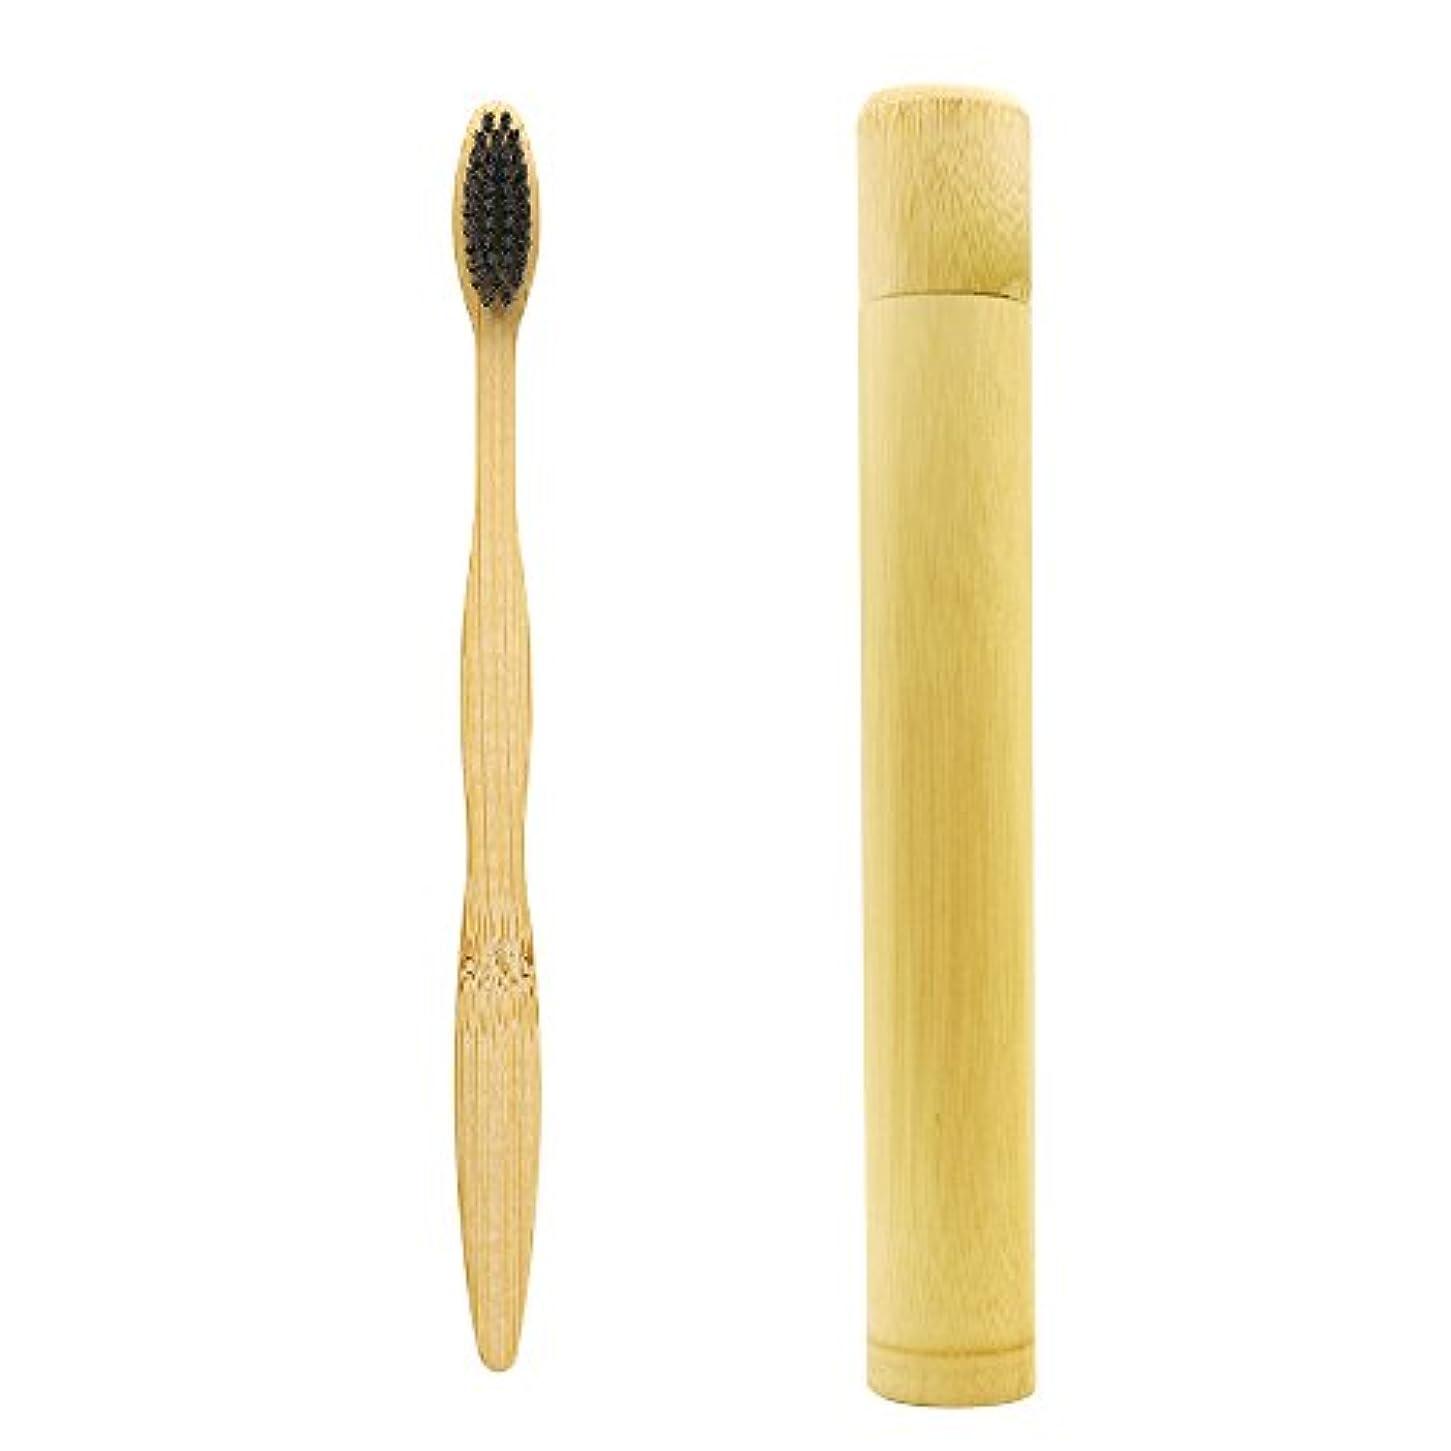 に話すパンチ使用法N-amboo 歯ブラシ ケース付き 竹製 高耐久性 出張旅行 携帯便利